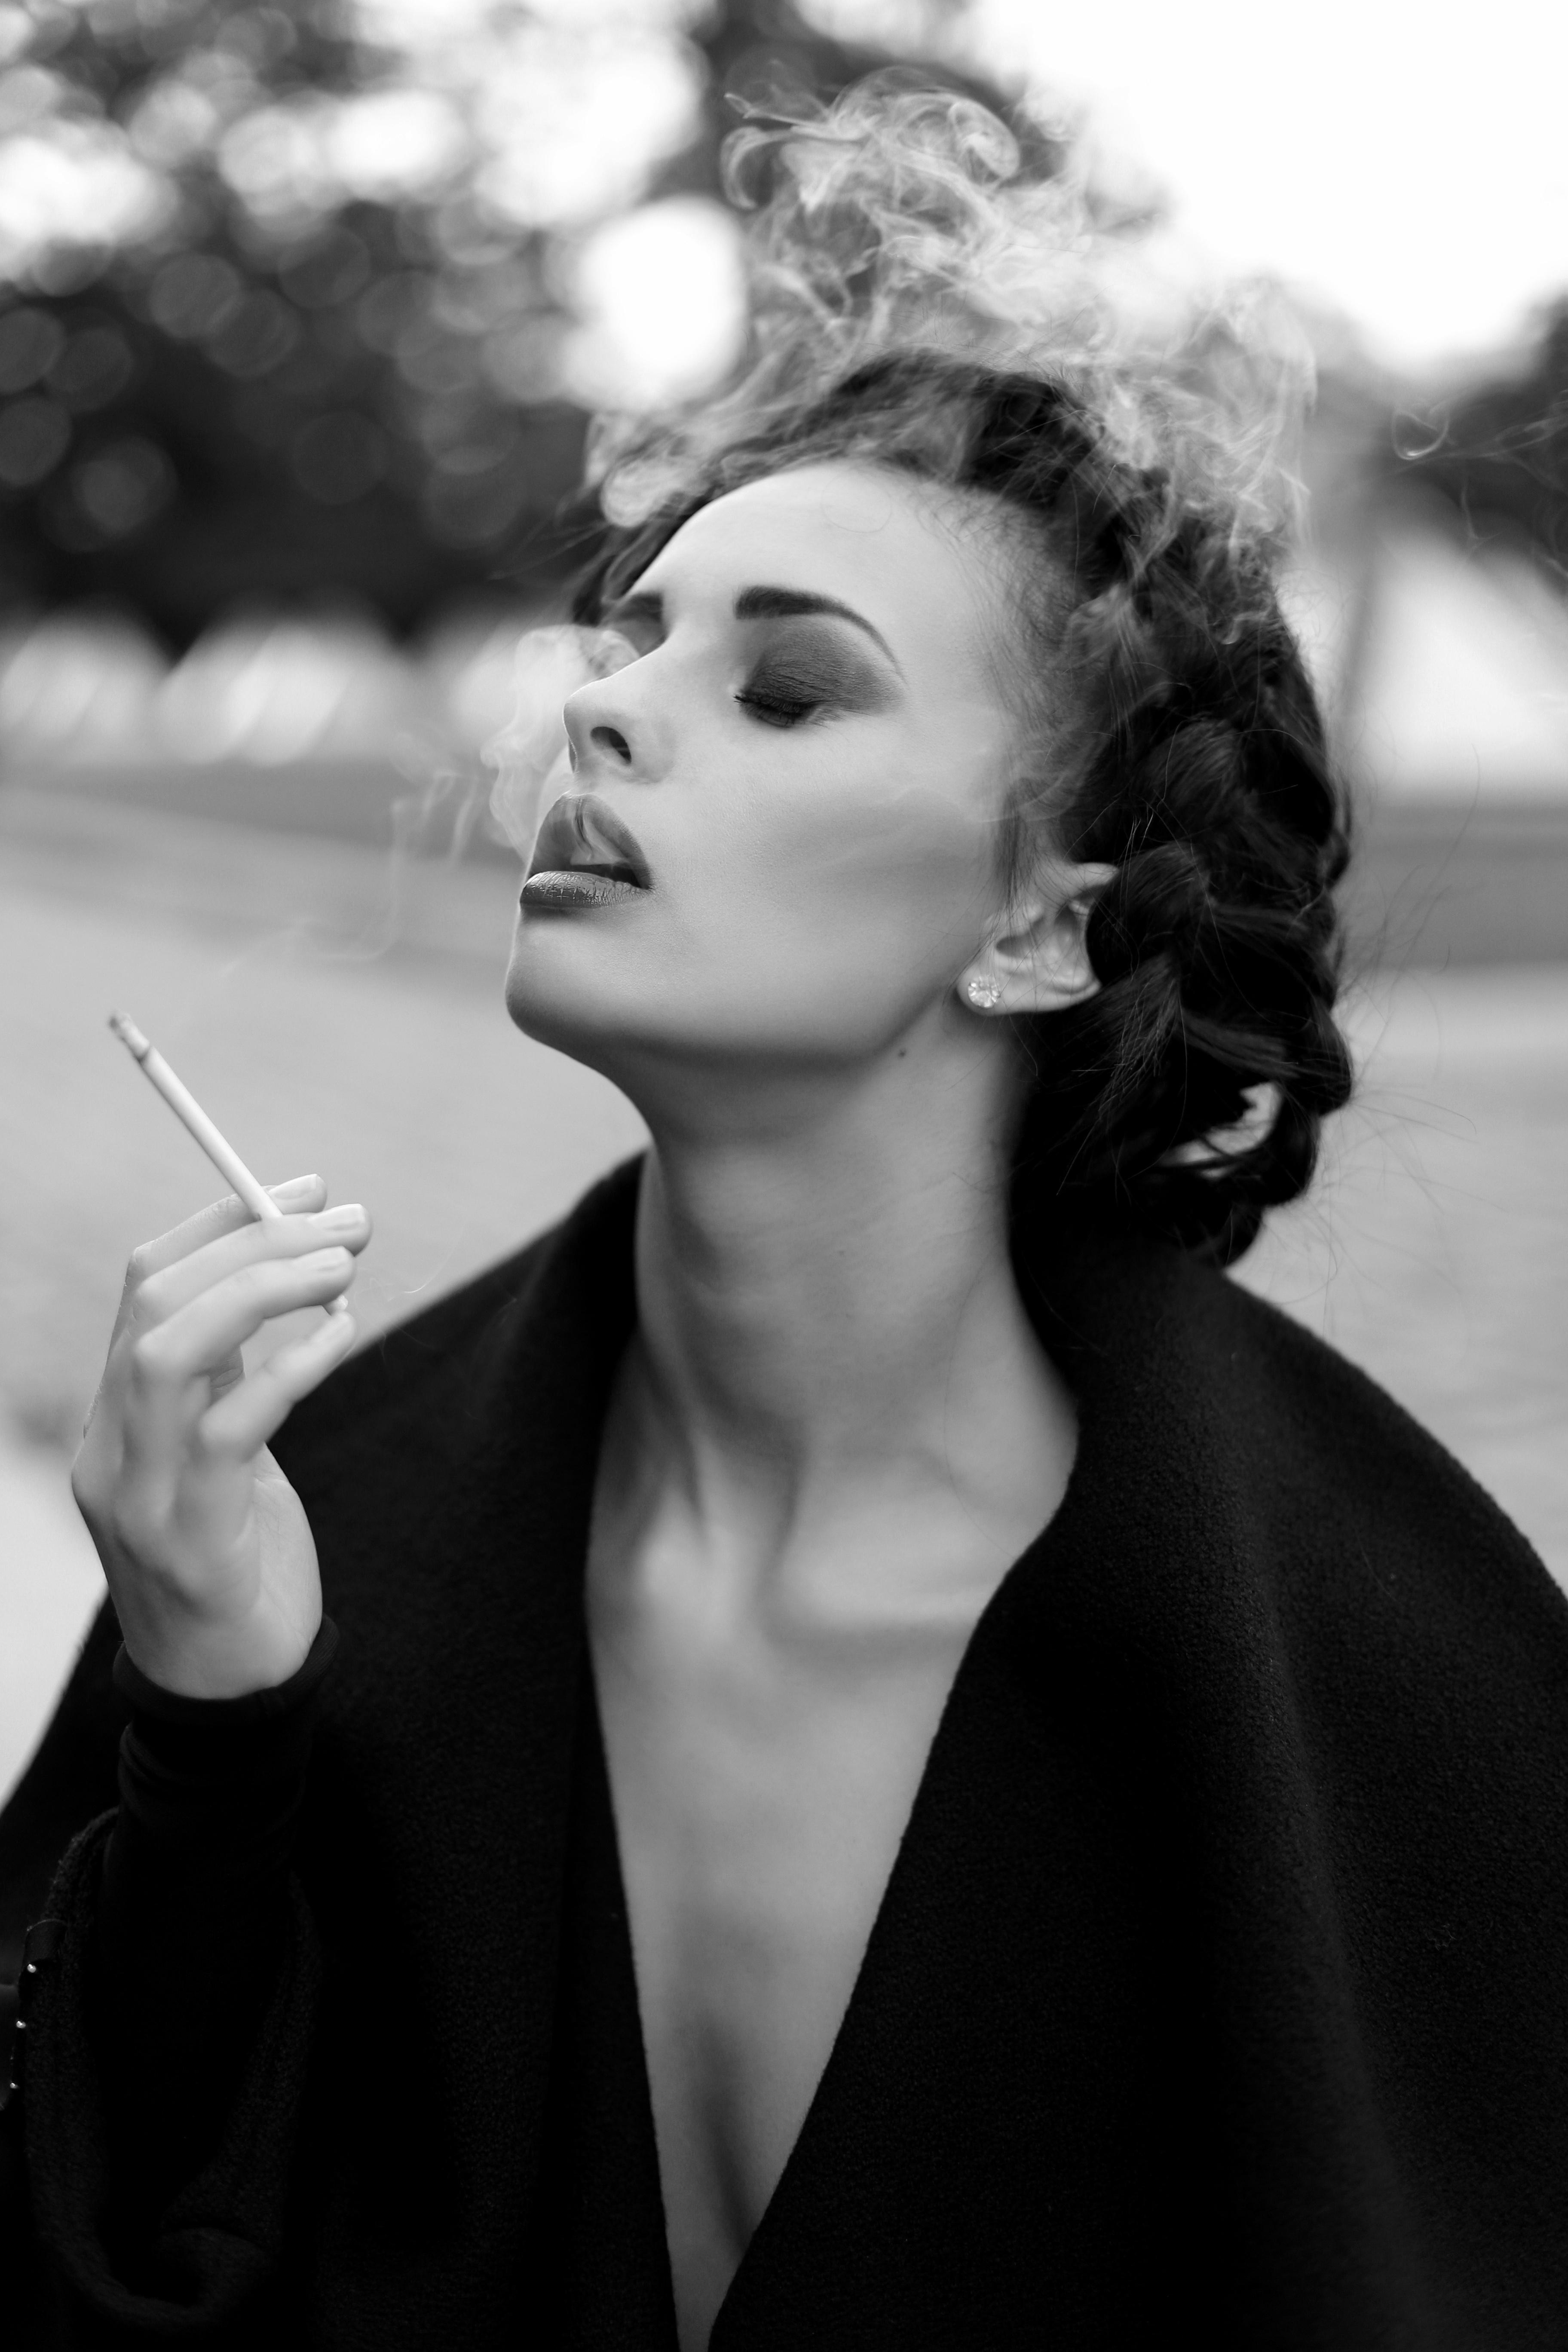 Картинки черно белые девушек с сигаретой